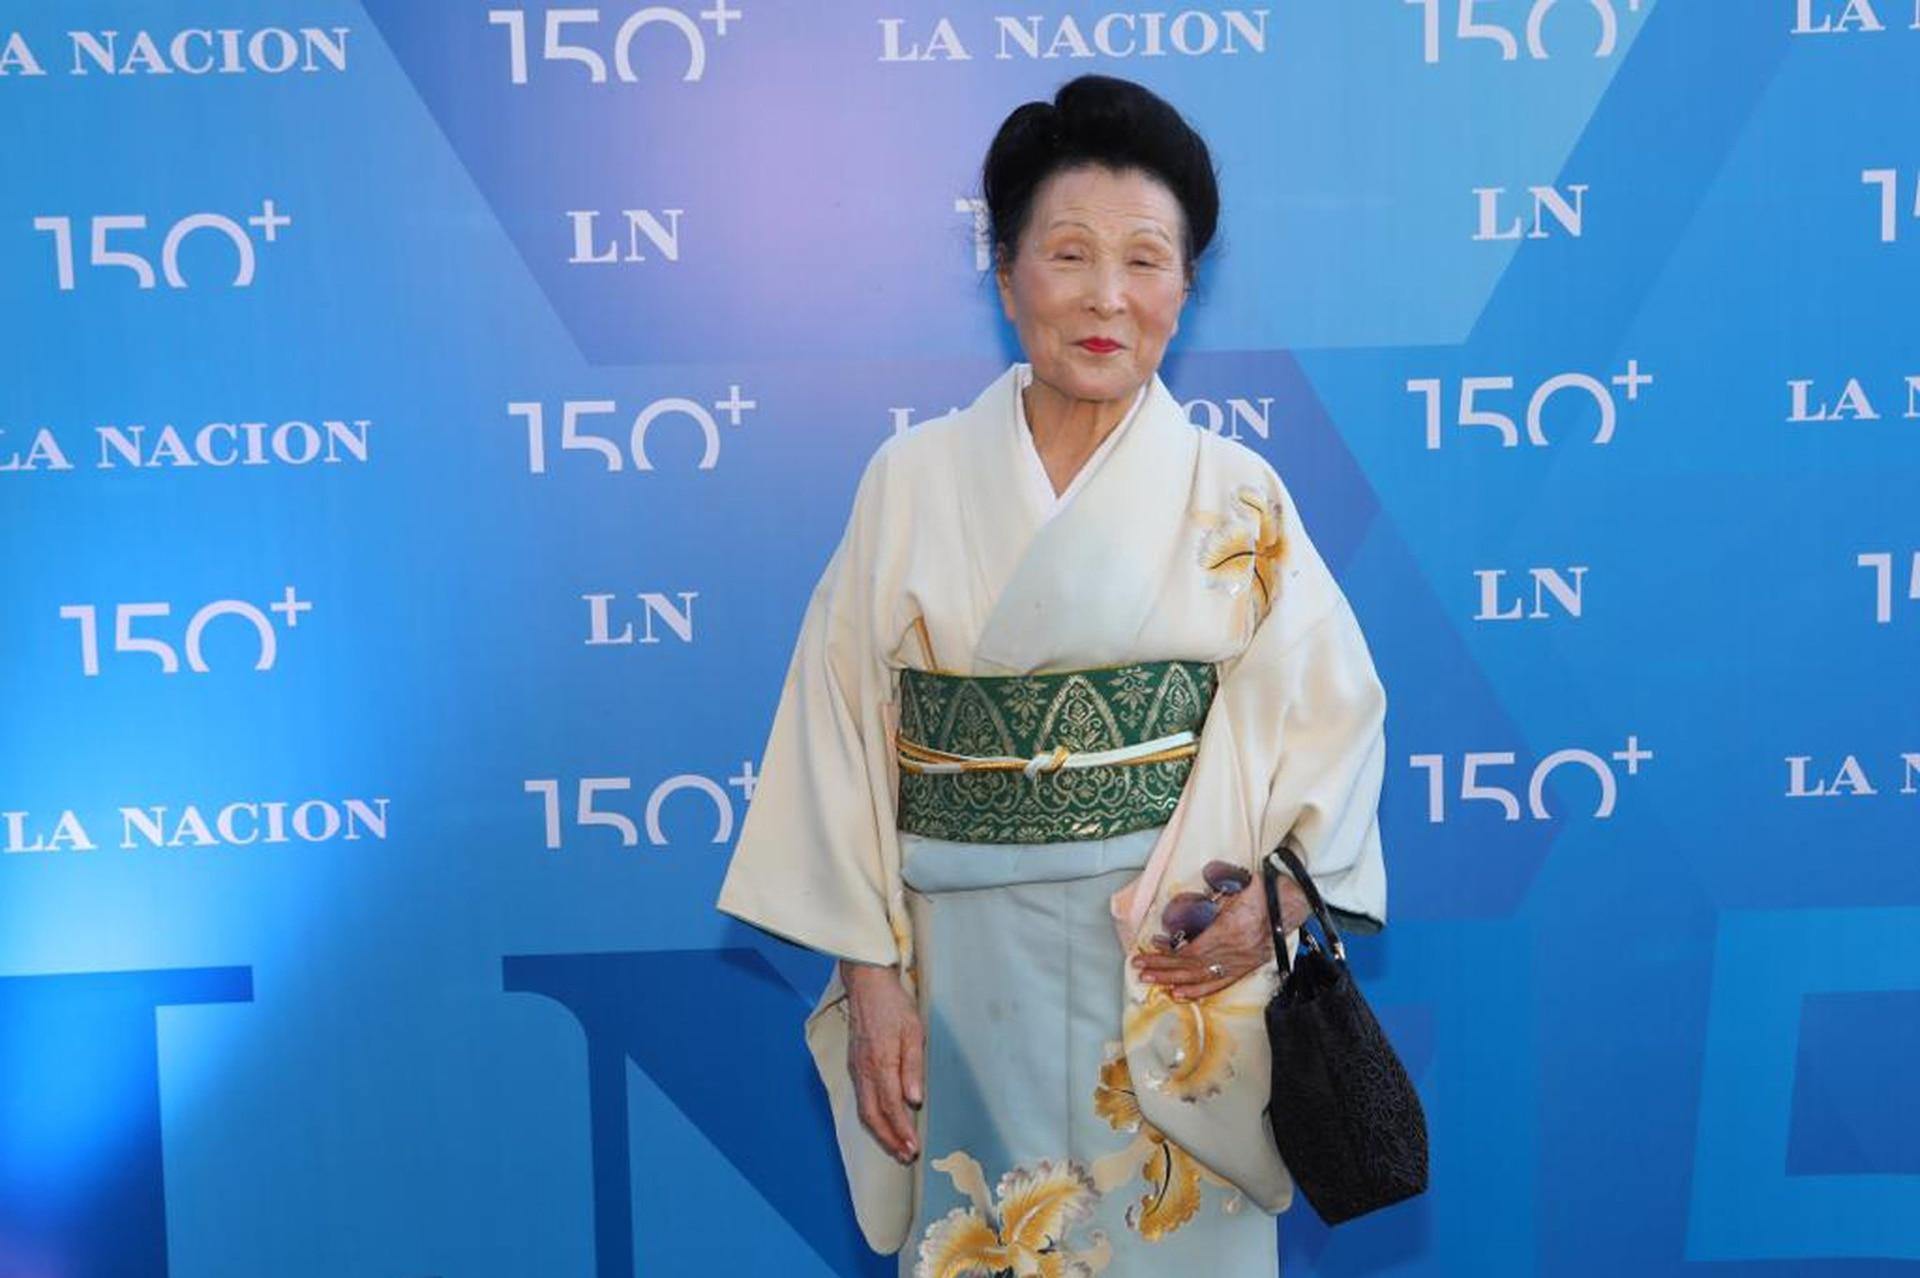 Hiroko Mukoyama, referente de Japón en la Argentina, en la celebración por los 150 años de LA NACION